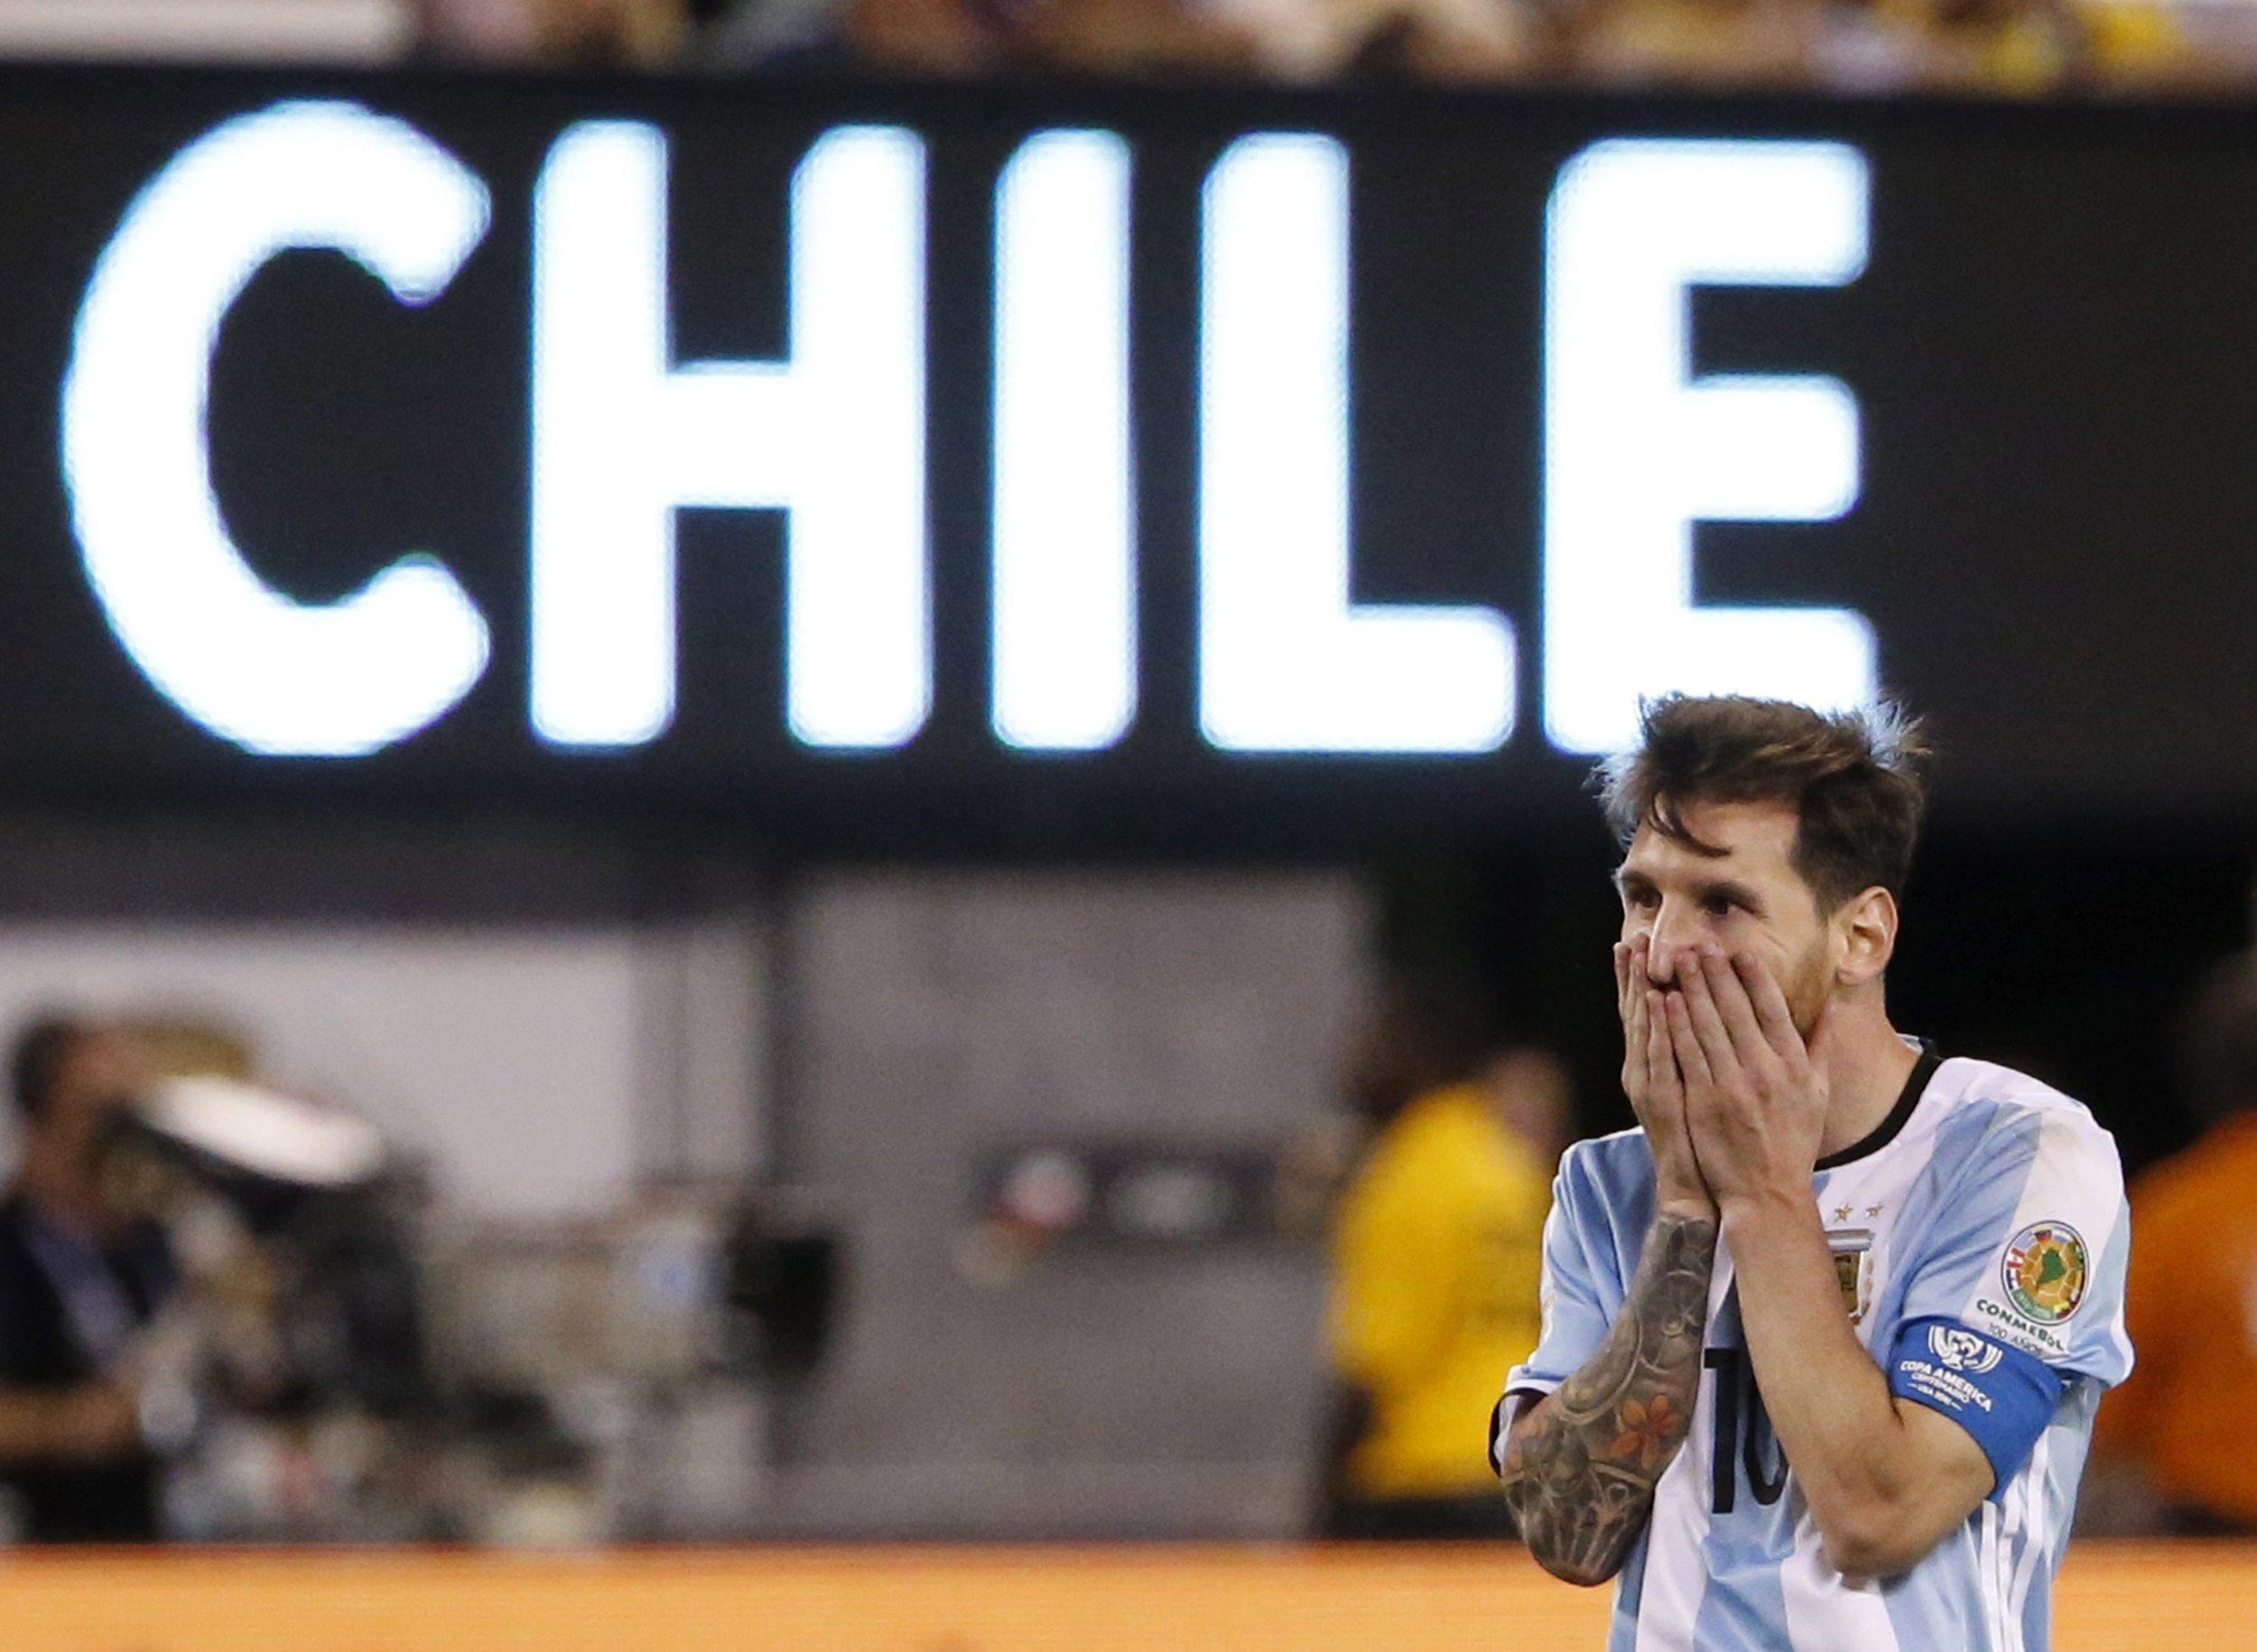 Lionel-Messi-Argentina-perdiendo-argentino_LNCIMA20160627_0075_1.jpg